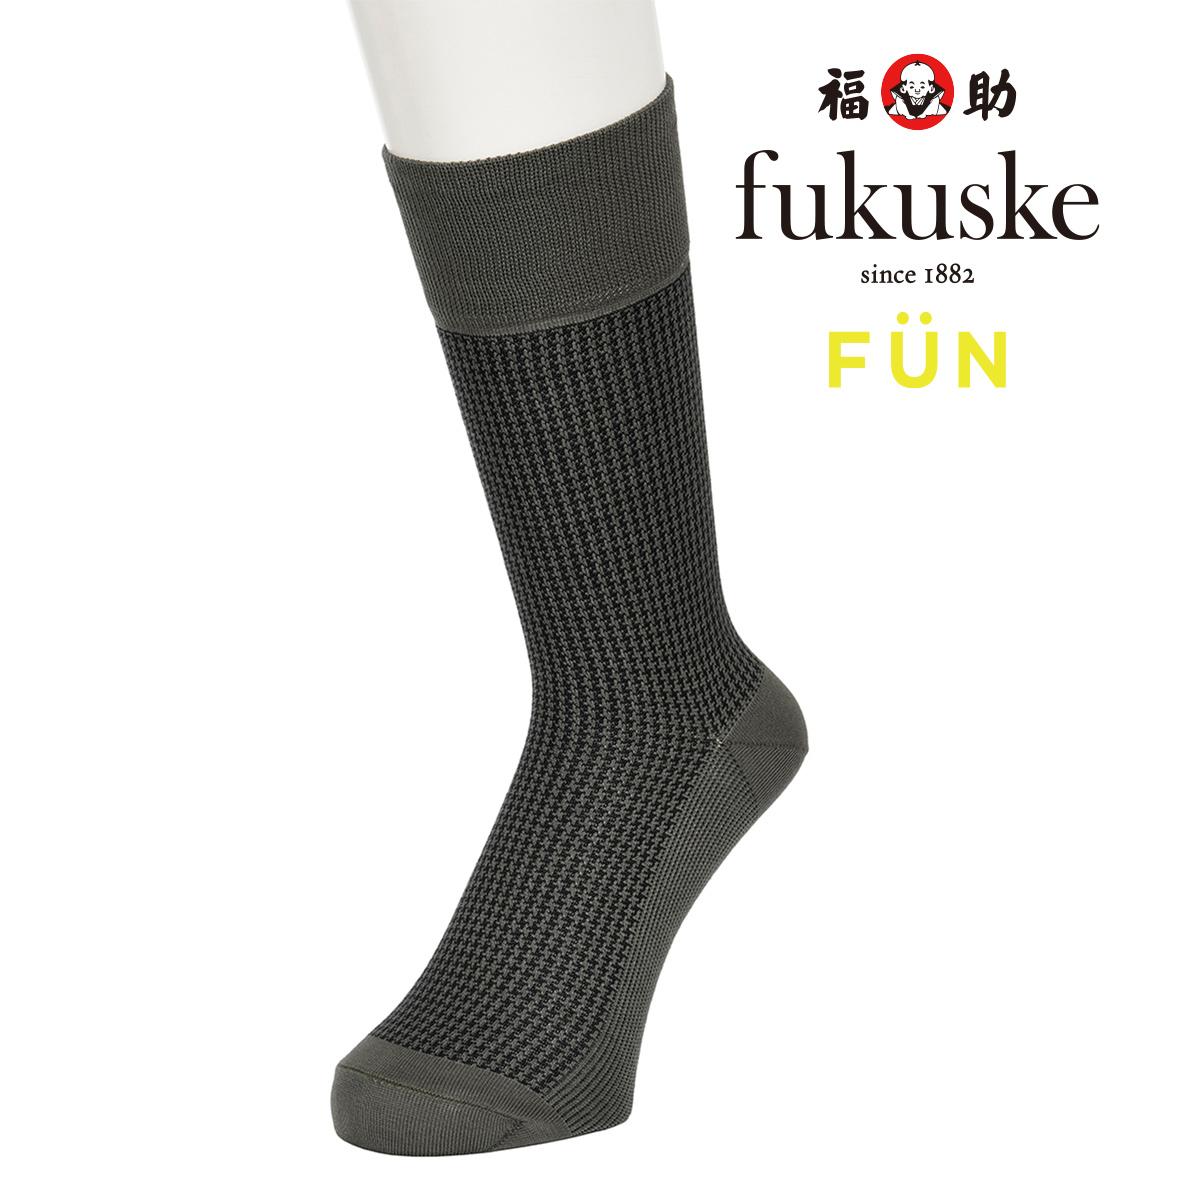 福助 公式 メンズ fukuske FUN ハンドトゥース クルー丈 ソックス